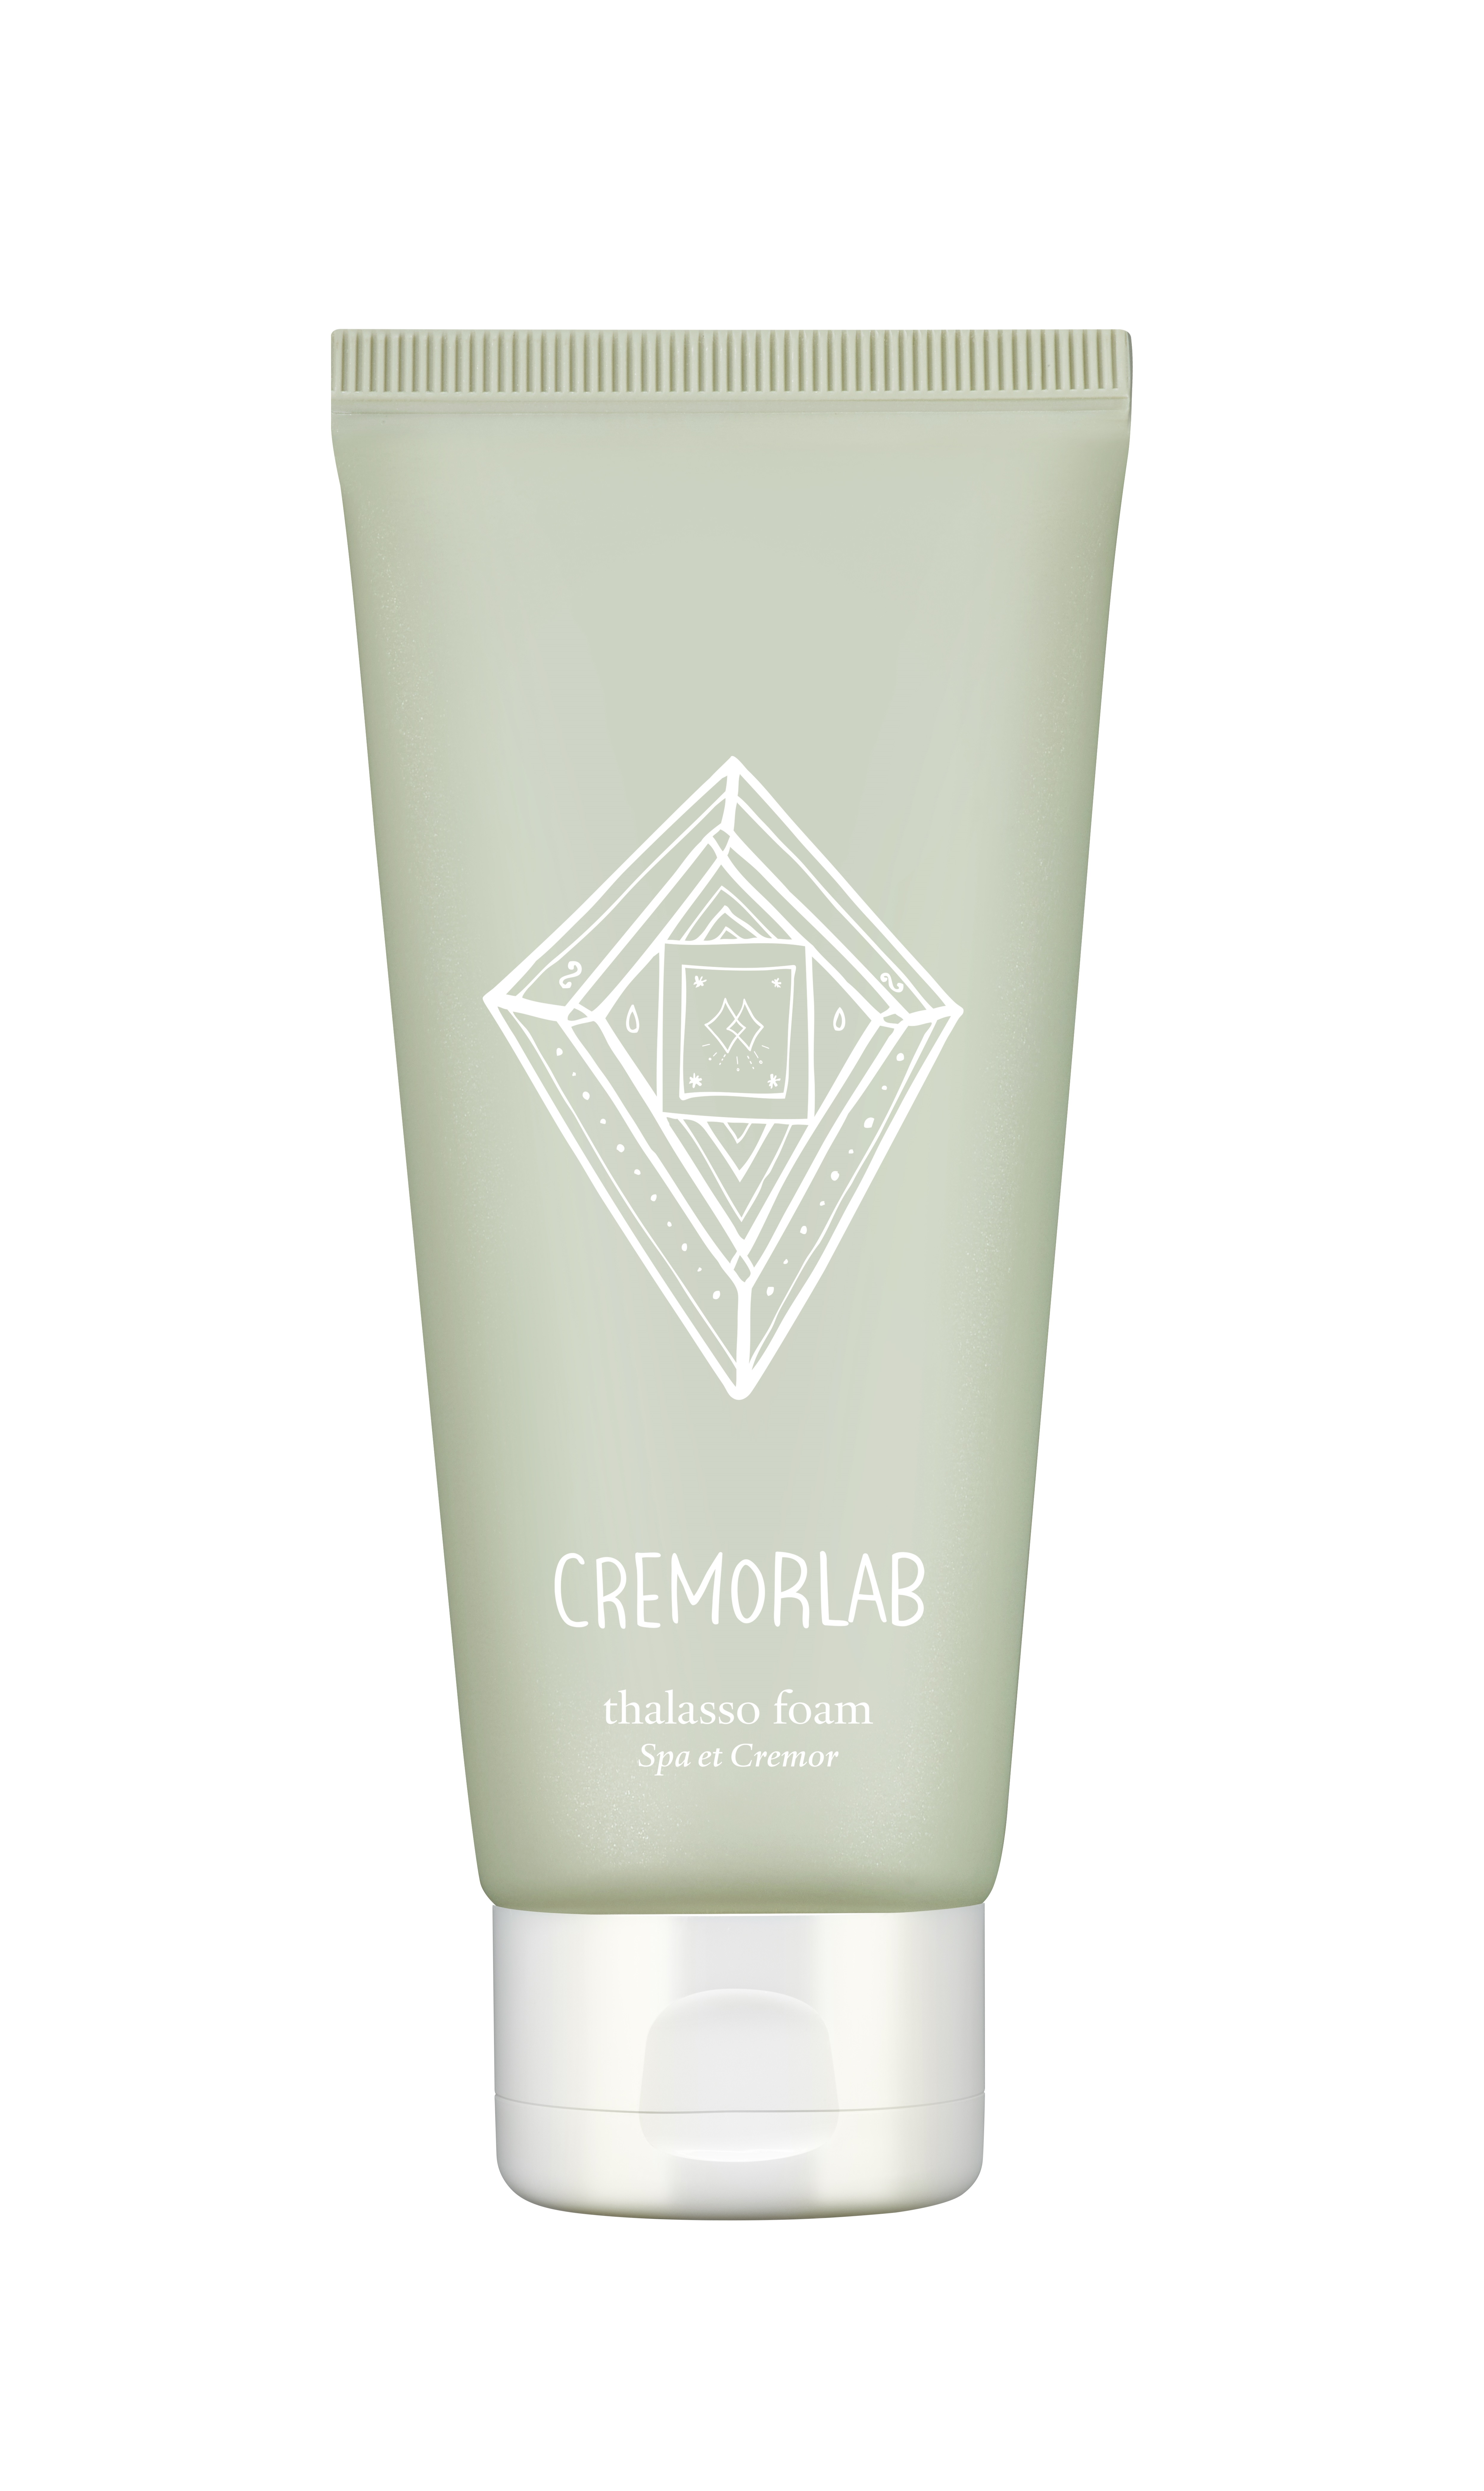 Spa et Cremor Thalasso Foam Cleanser 120ml